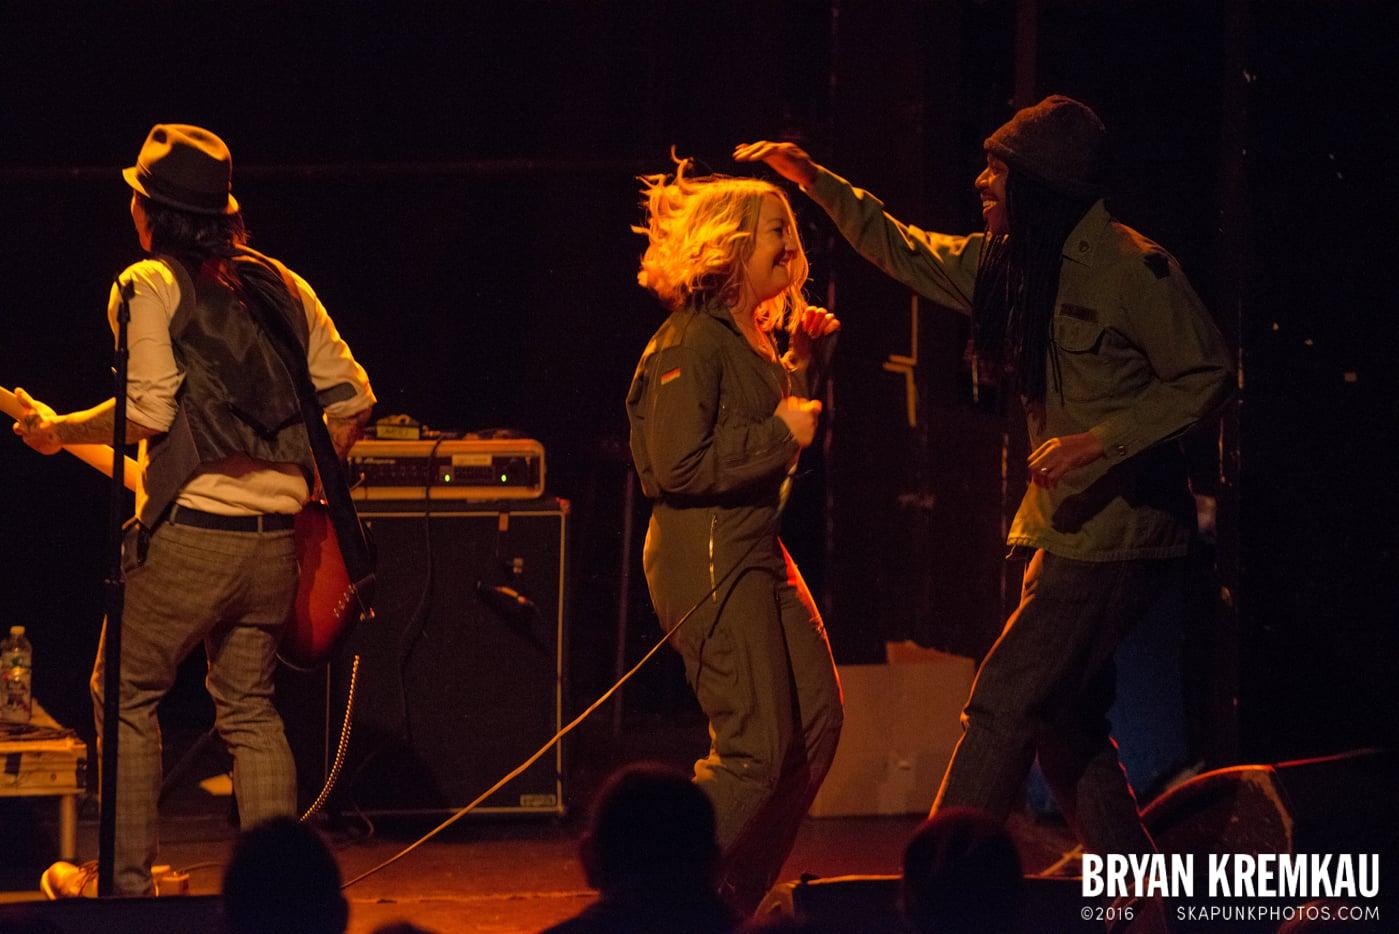 Metro Stylee @ Gramercy Theatre, NYC - 1.19.14 (3)